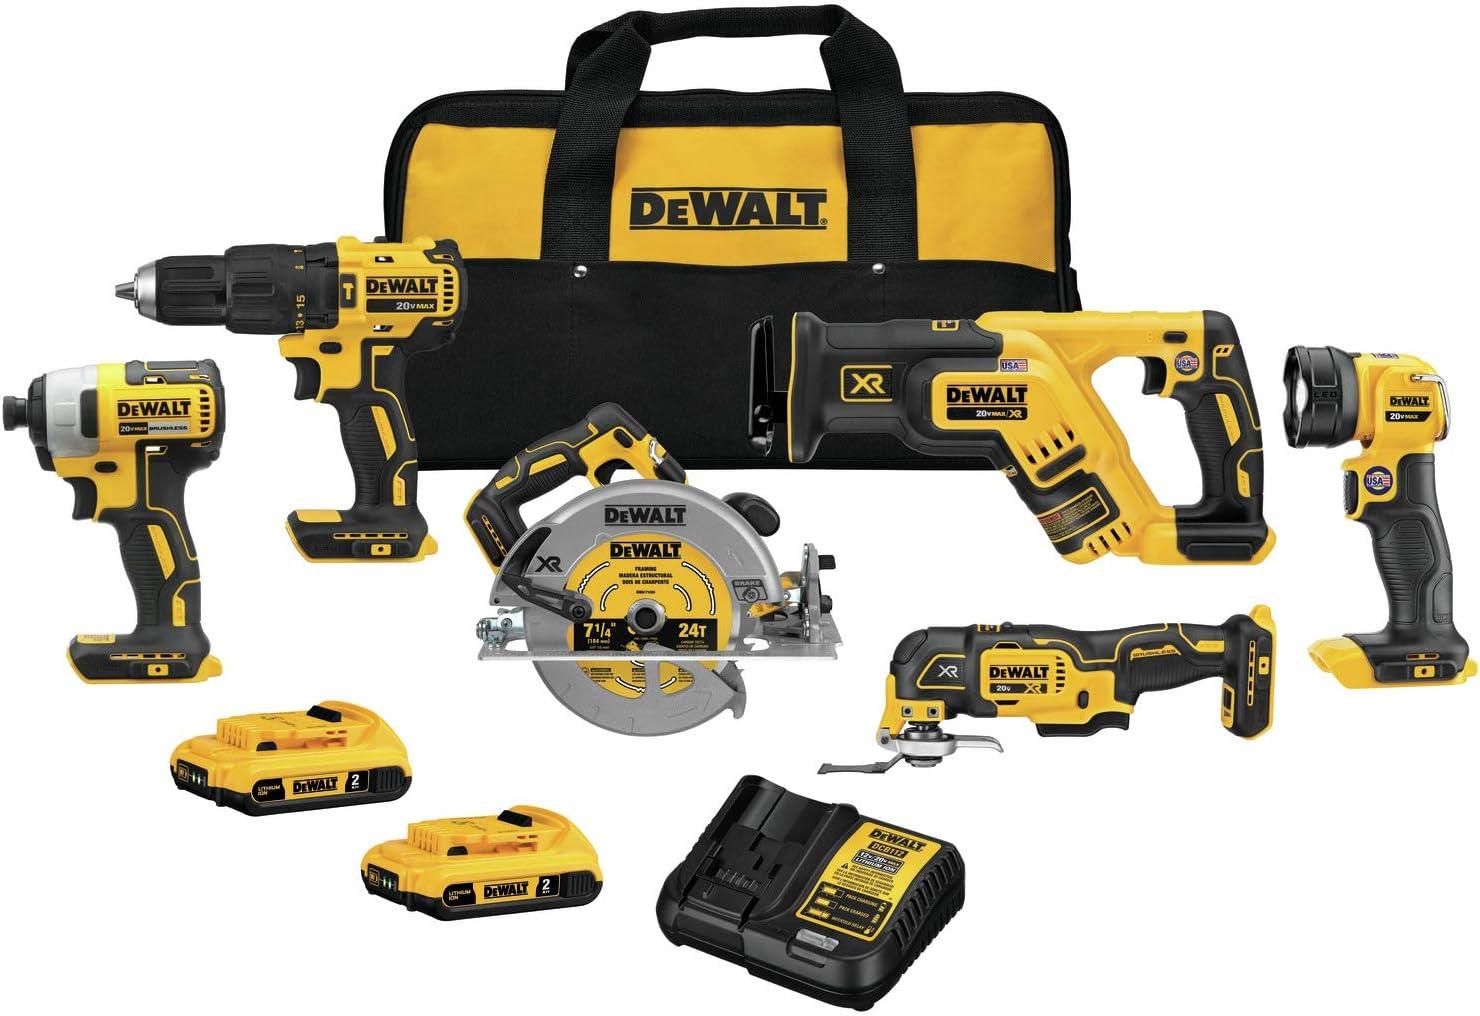 DEWALT DCK677D2 20V MAX Brushless 6-Tool Kit